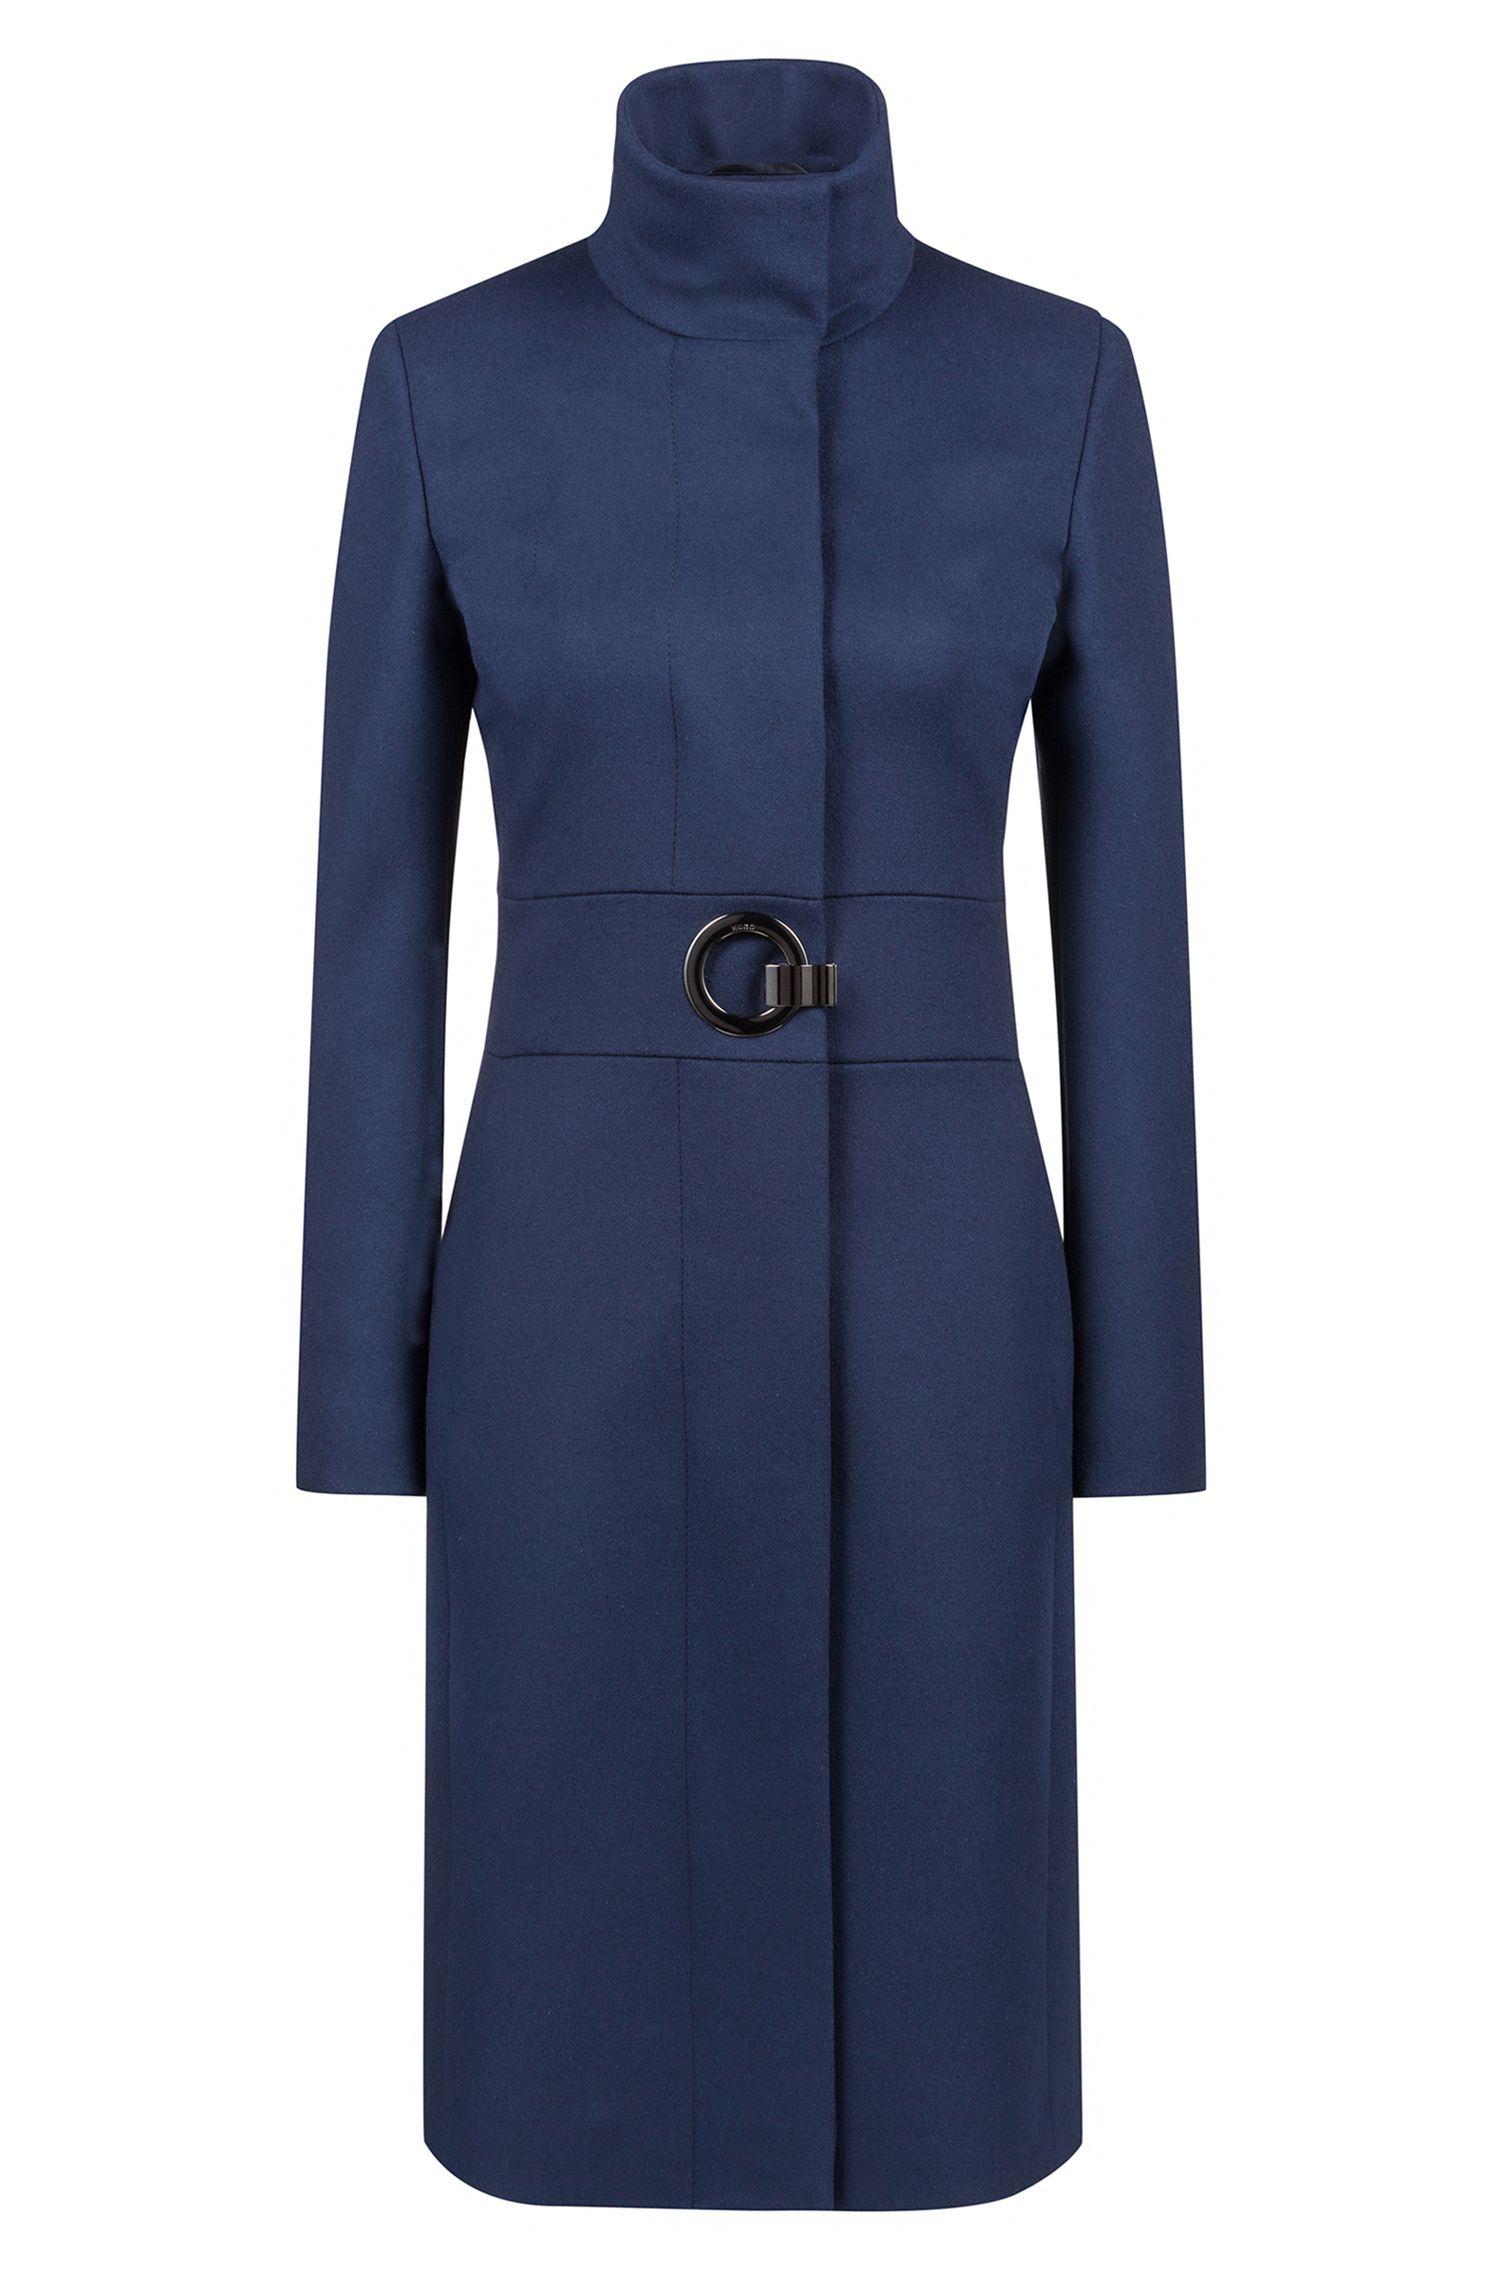 Abrigo regular fit en mezcla de lana virgen